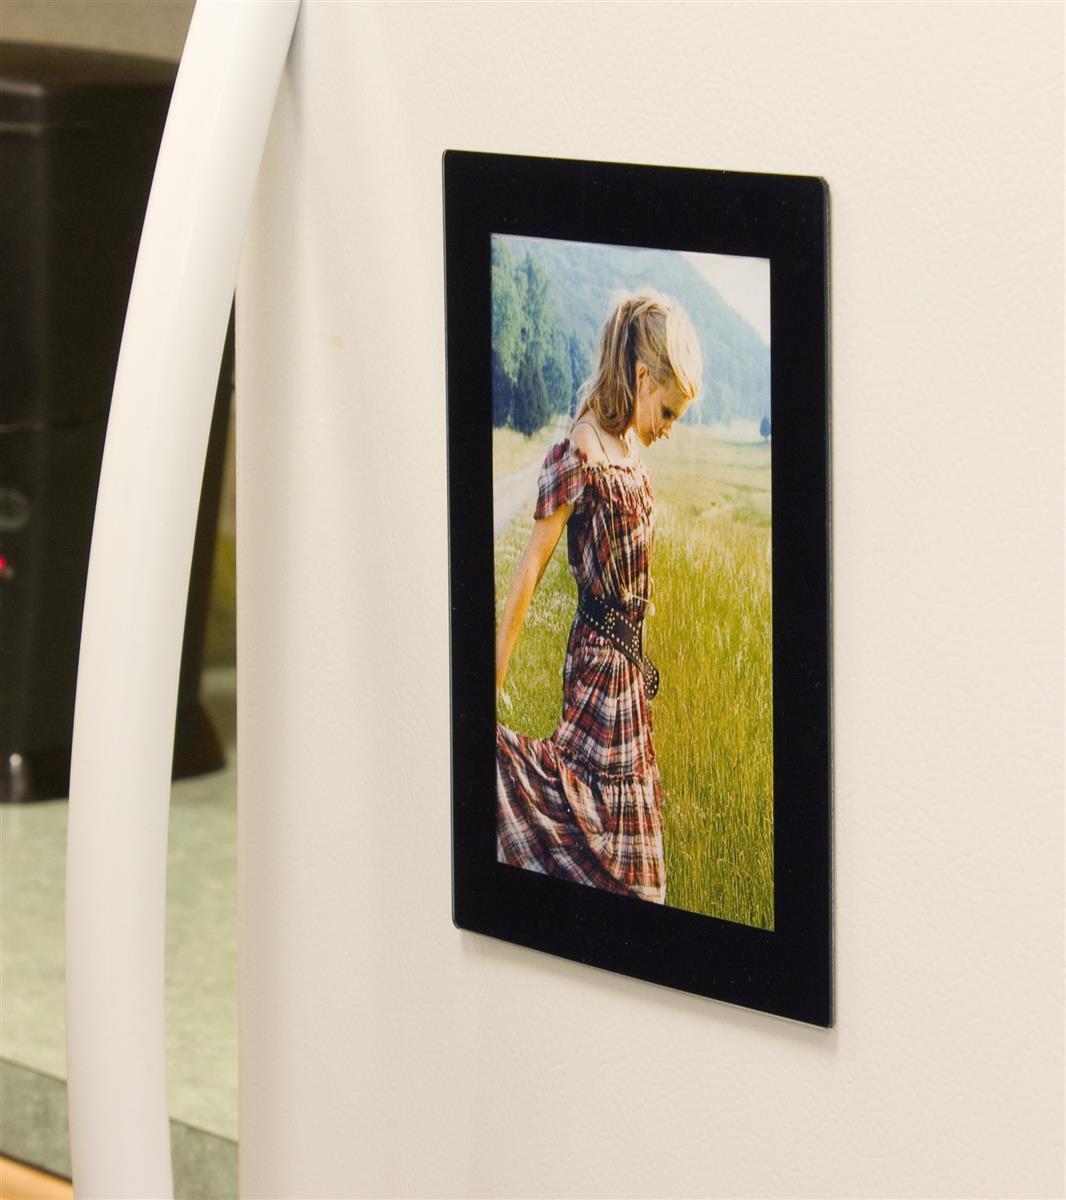 Magnet Picture Frames 5 x 7 Print Holder for Refrigerators